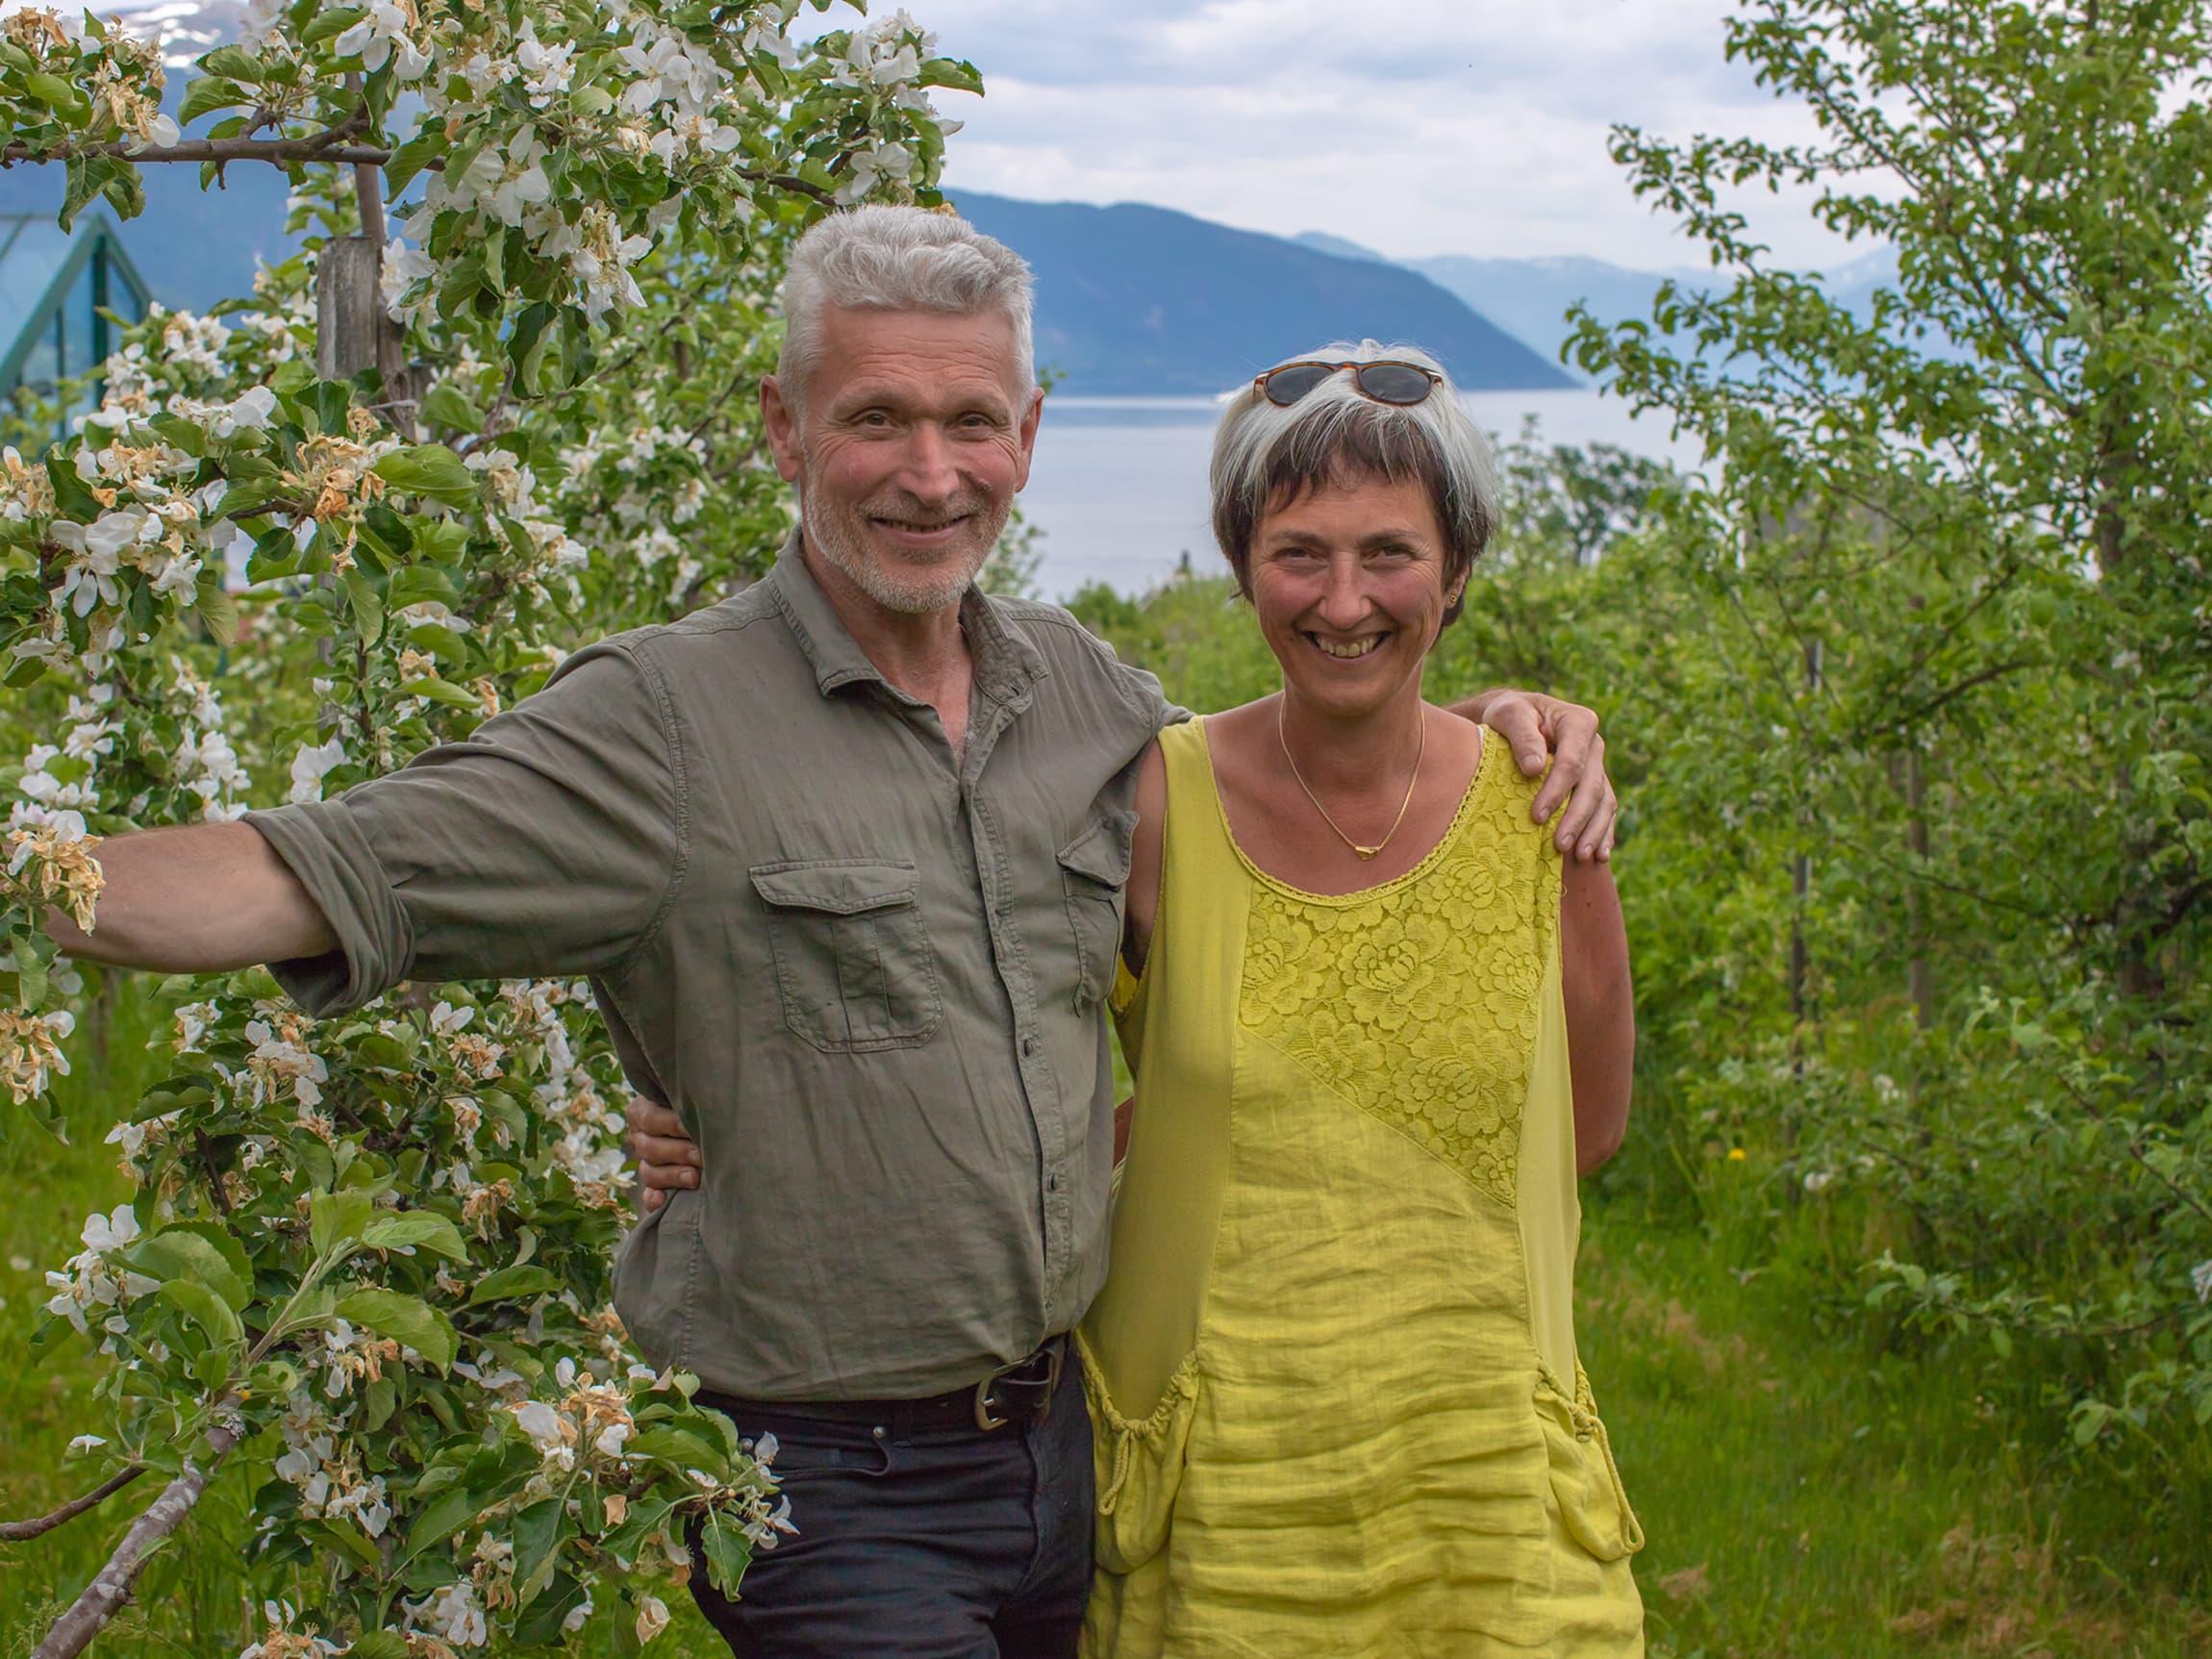 Balholm, Juice og cider, Sogn og Fjordane